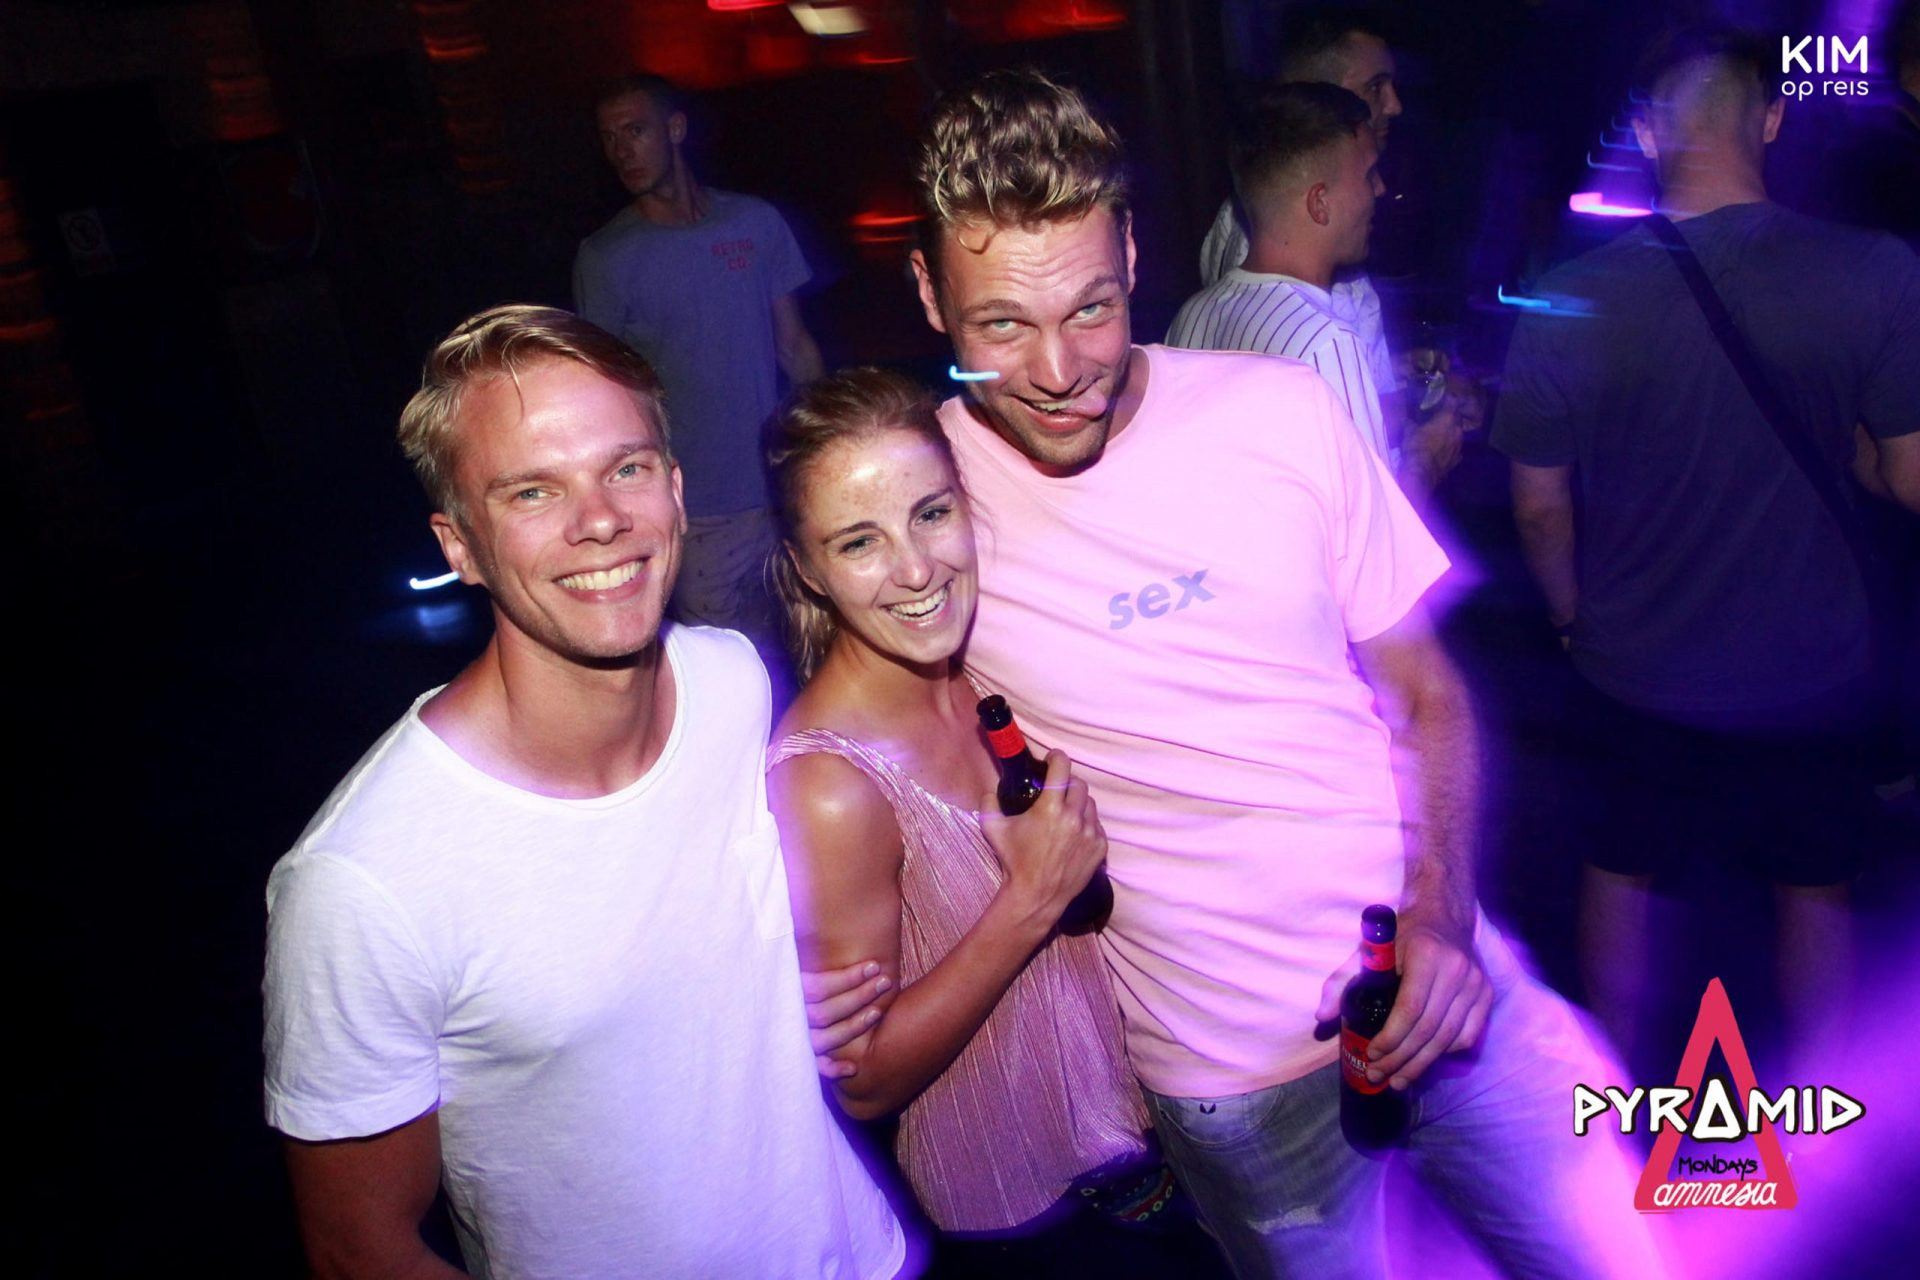 Clubben in de Amnesia - Kim met twee vrienden in de Amnesia